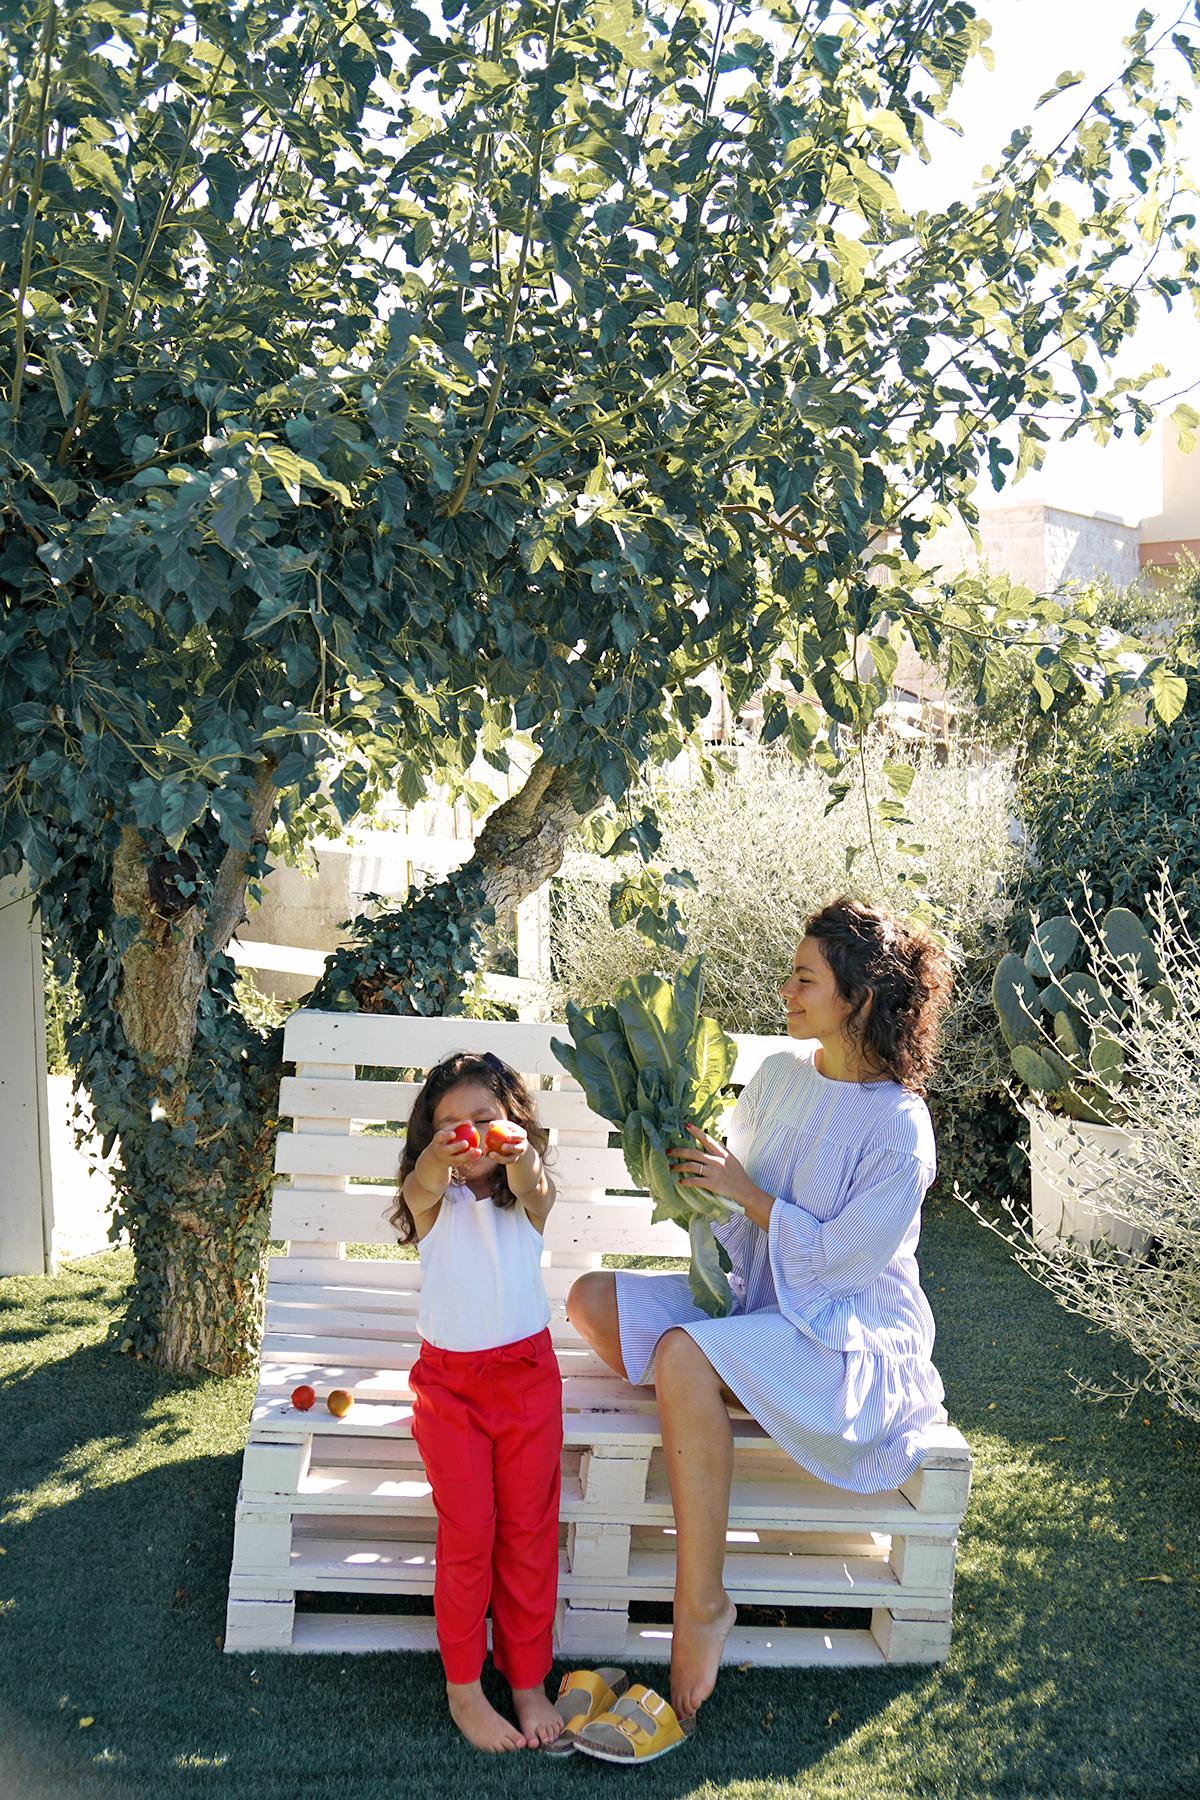 Mère et fille à Dimore Don Carmelo, Locorotondo, Italie